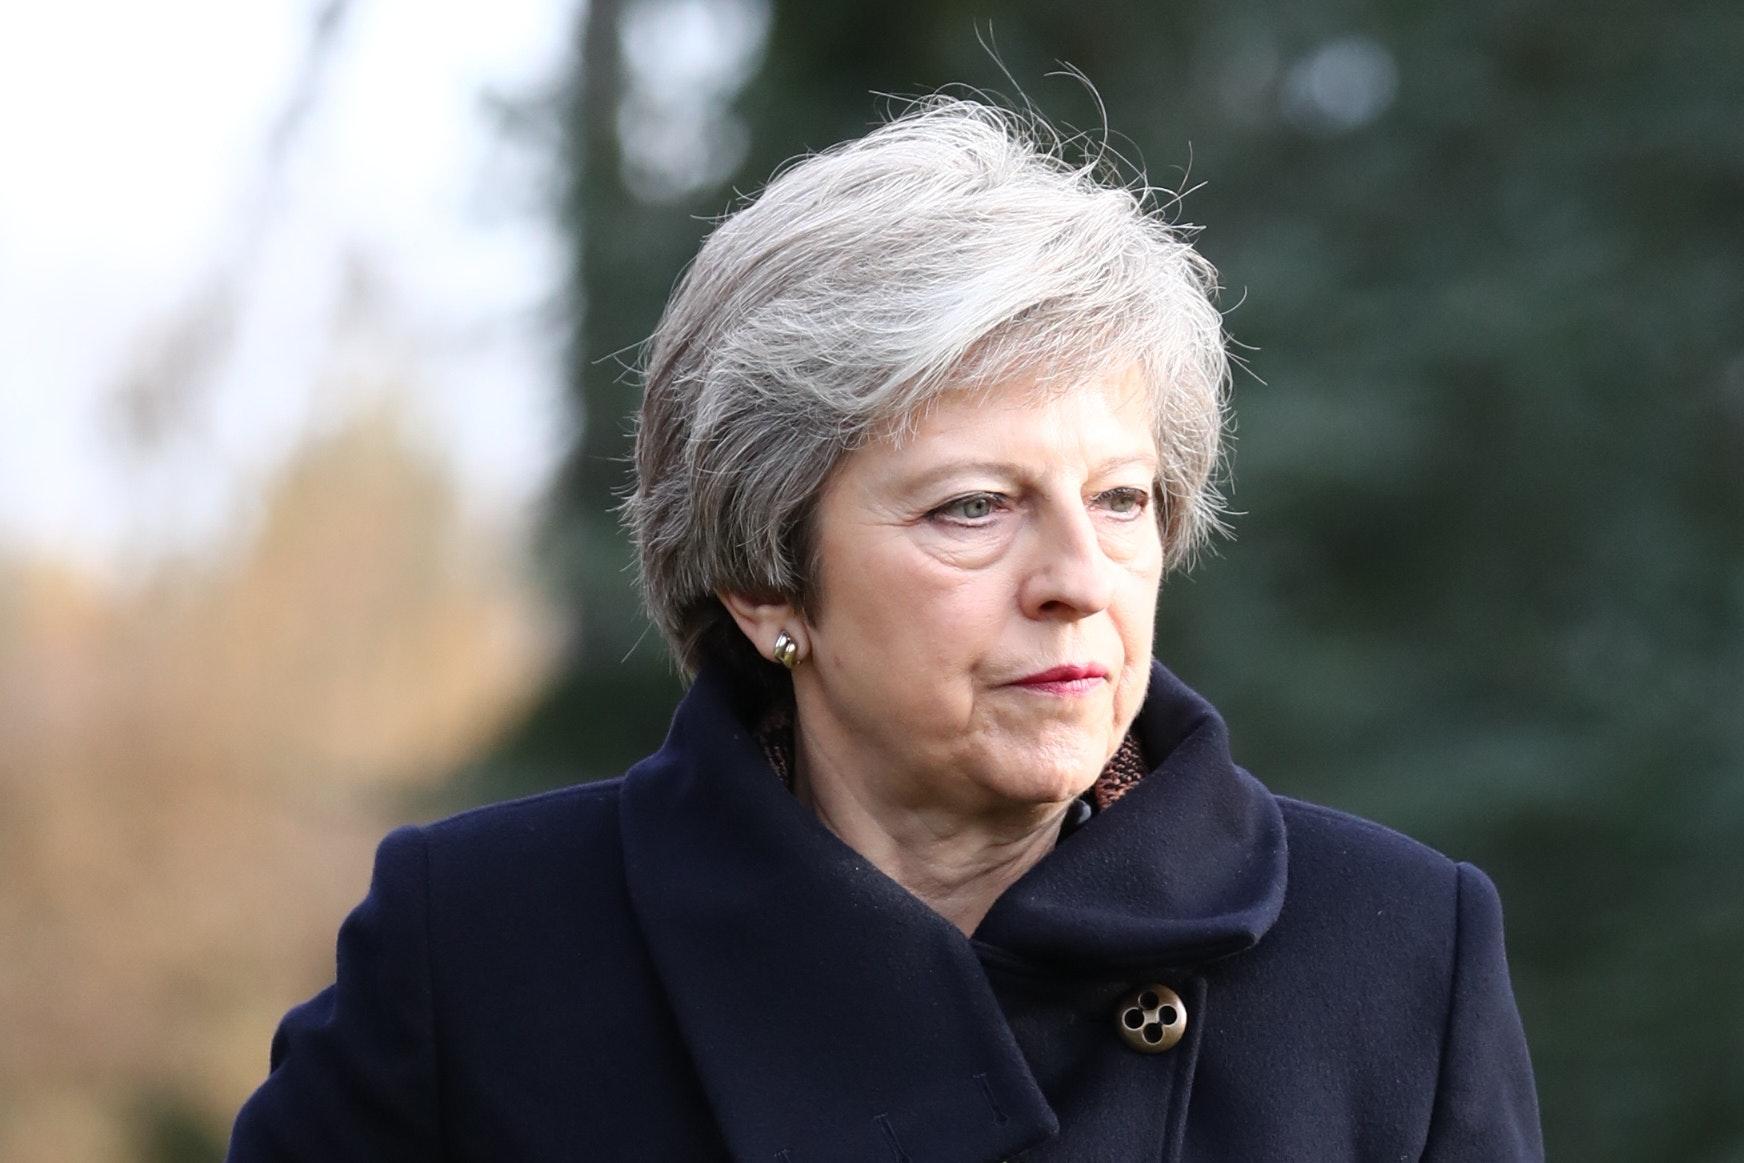 在警告欧盟脱欧谈判达到'结束游戏'后,可能会面对部长们